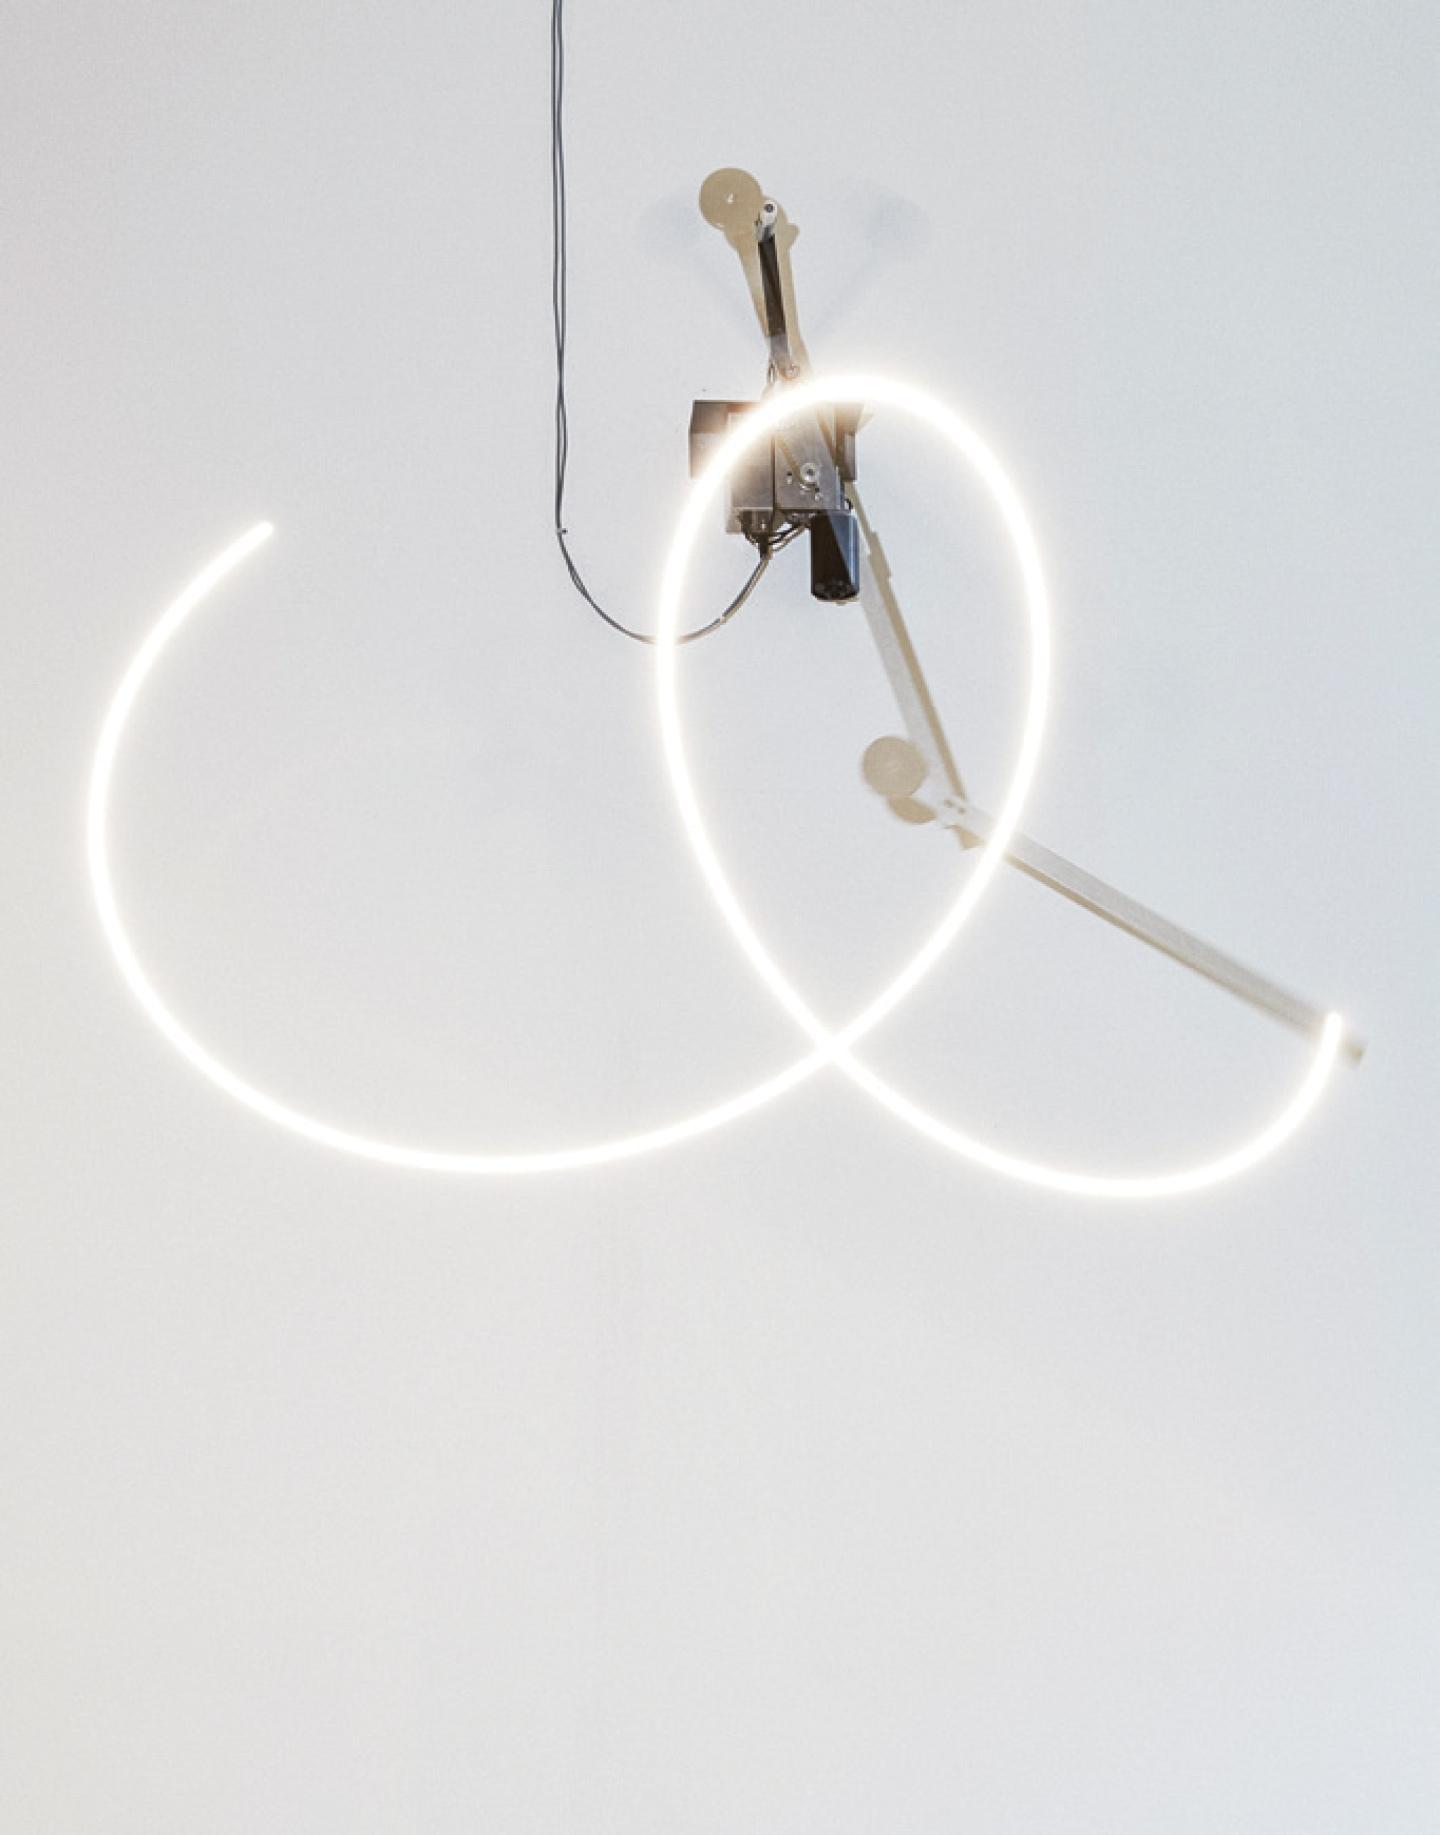 'Your unpredictable sameness', Aluminium, LED lights, motors, control units, Dimensions variable, 2014